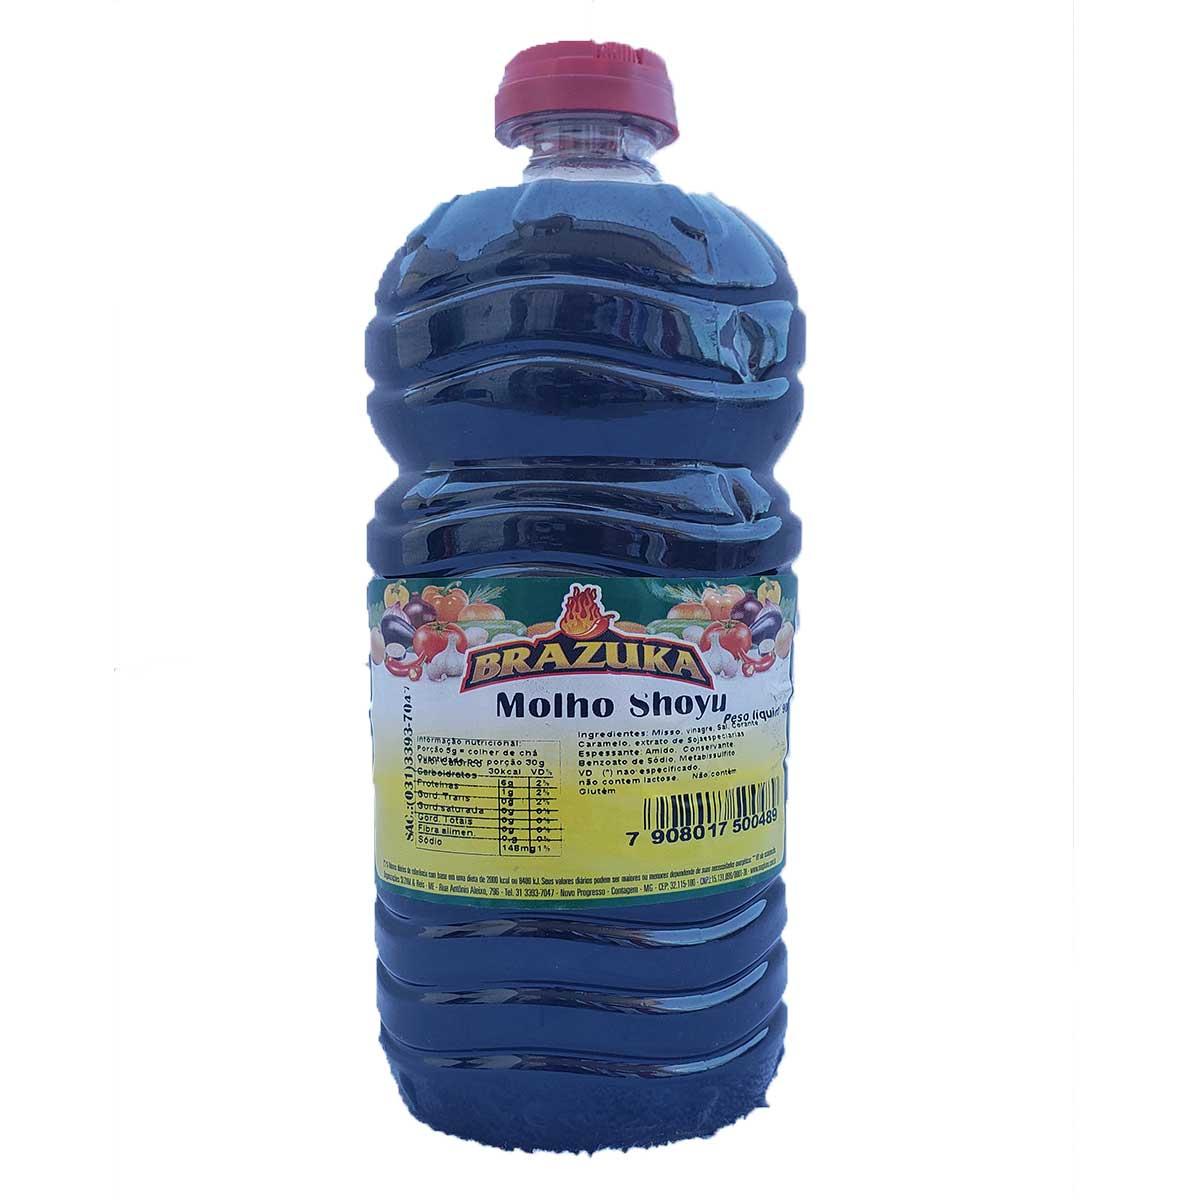 MOLHO ALHO DE PIMENTA SHOYU INGLES 900 MASSA ALHO 3,2g Kit